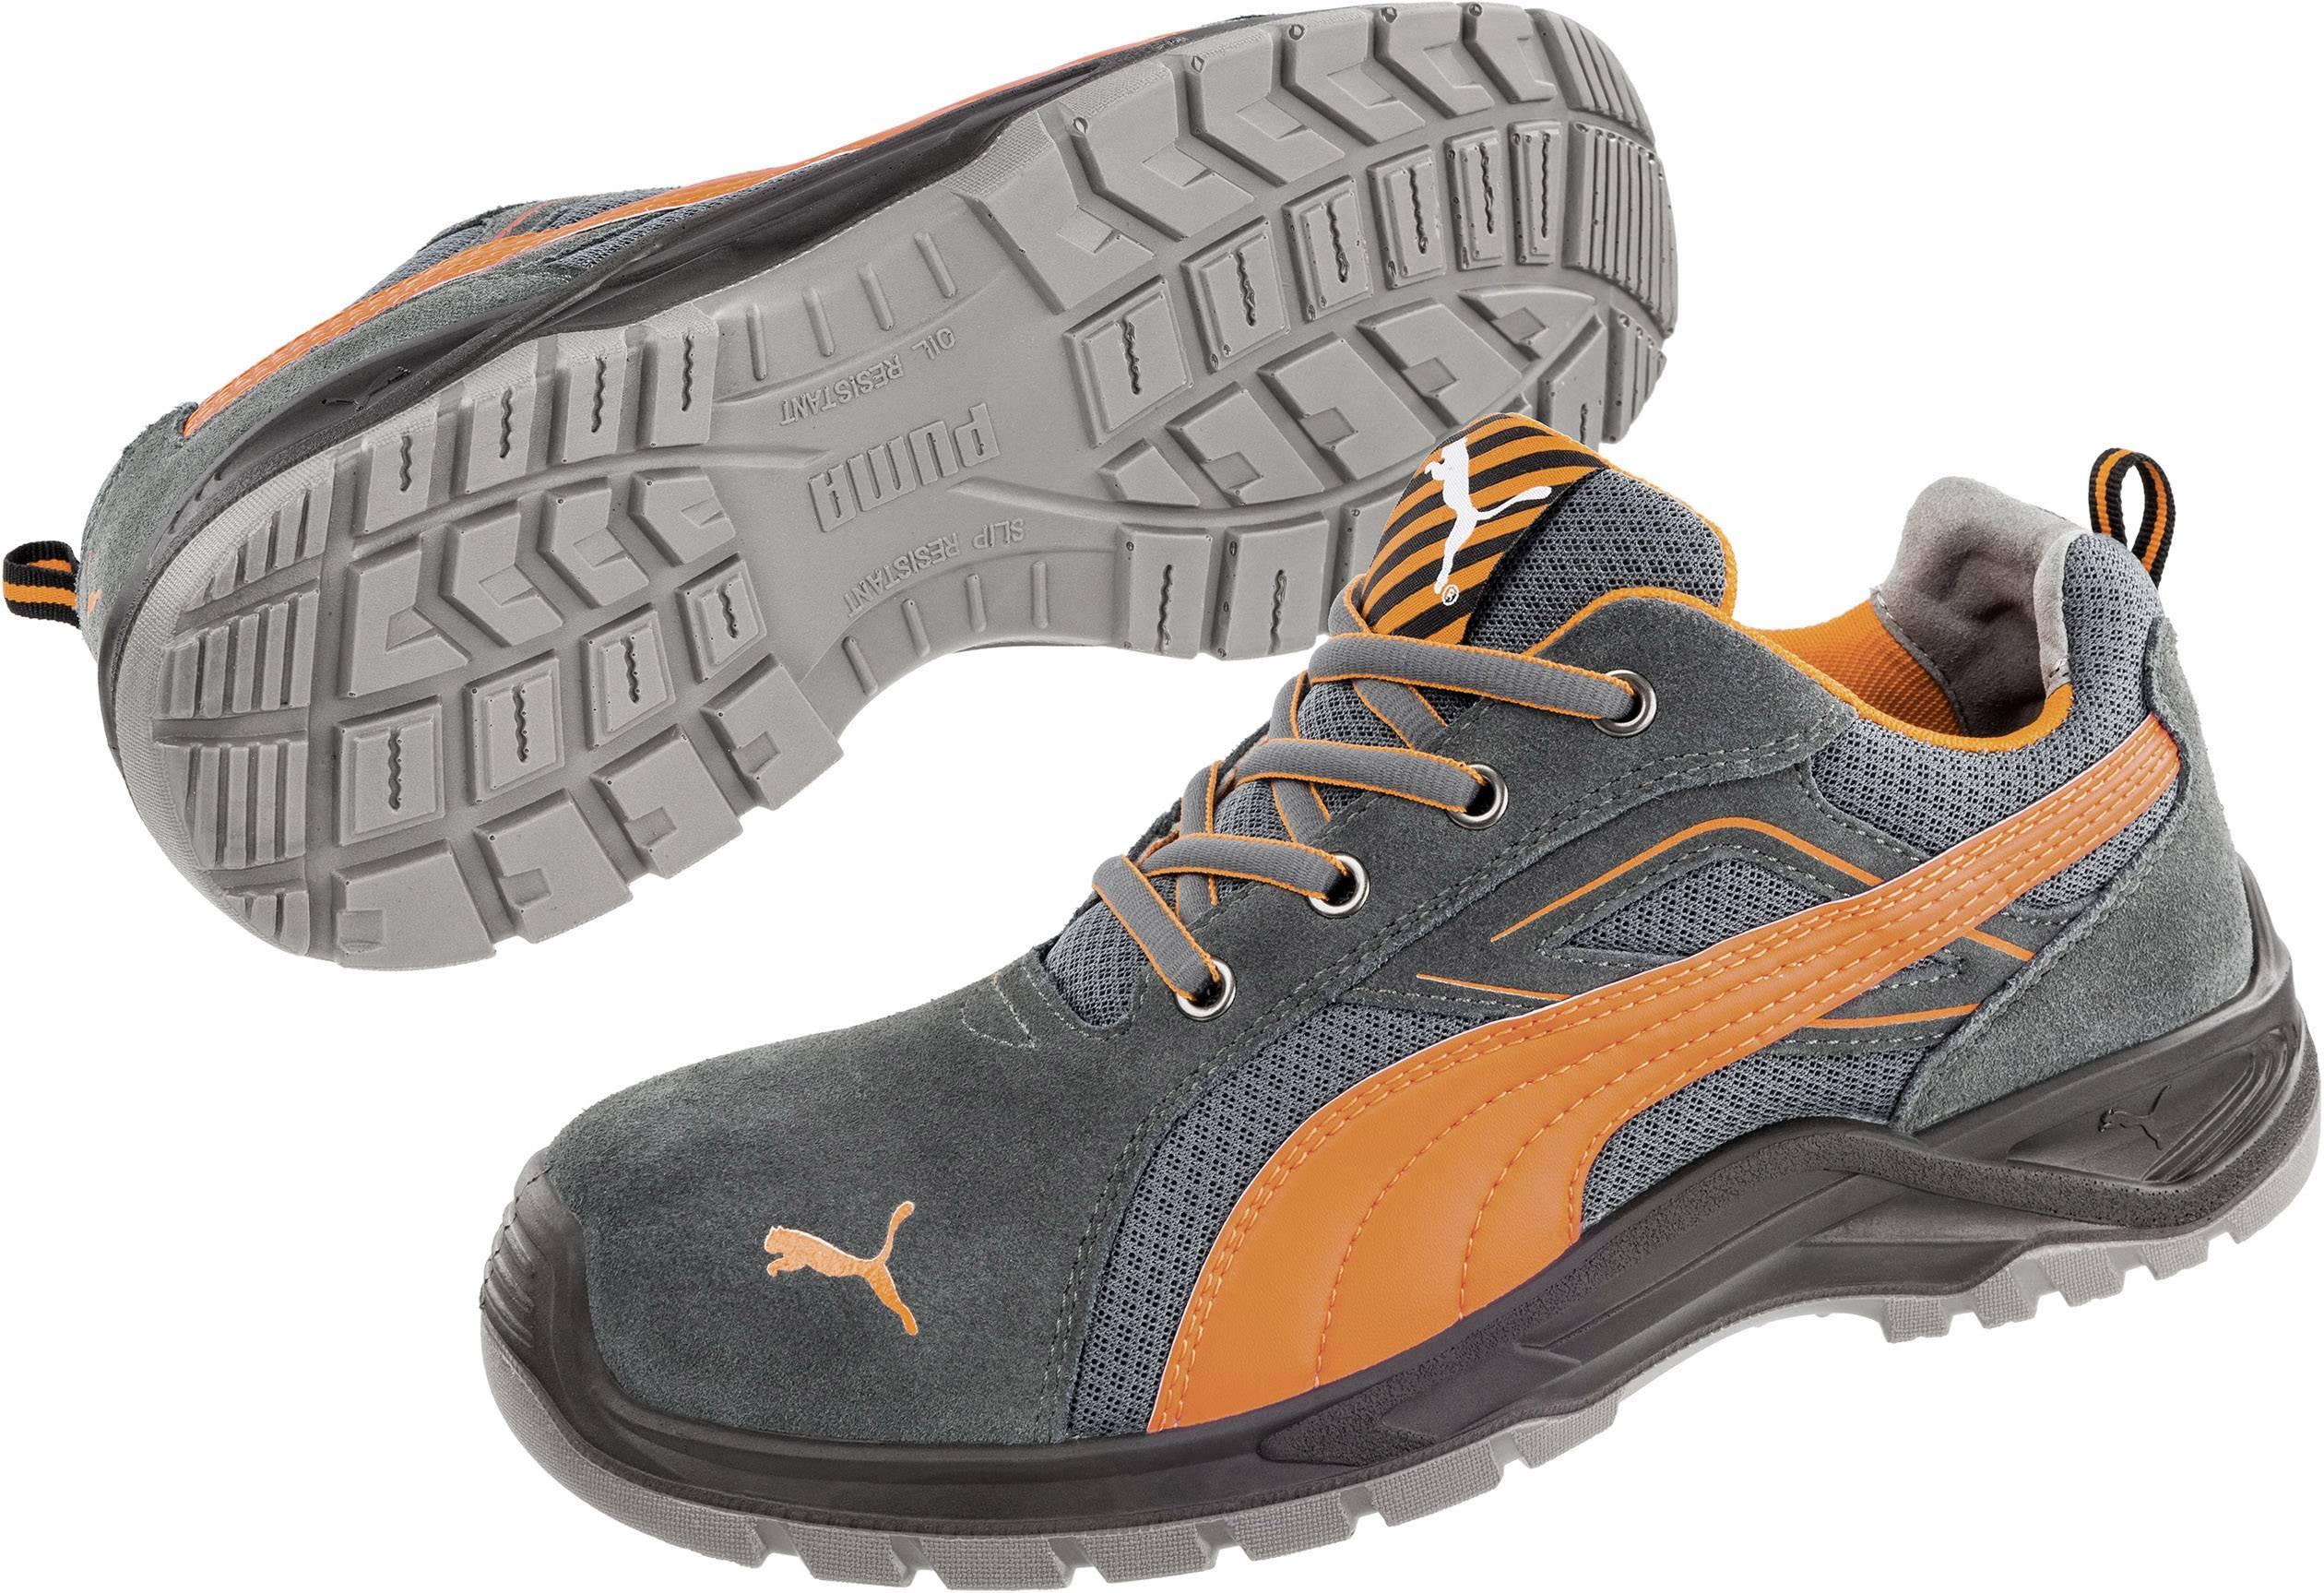 PUMA Safety Omni Orange Low SRC 643620 40 Sicherheitsschuh S1P Größe: 40 Schwarz, Orange 1 Paar